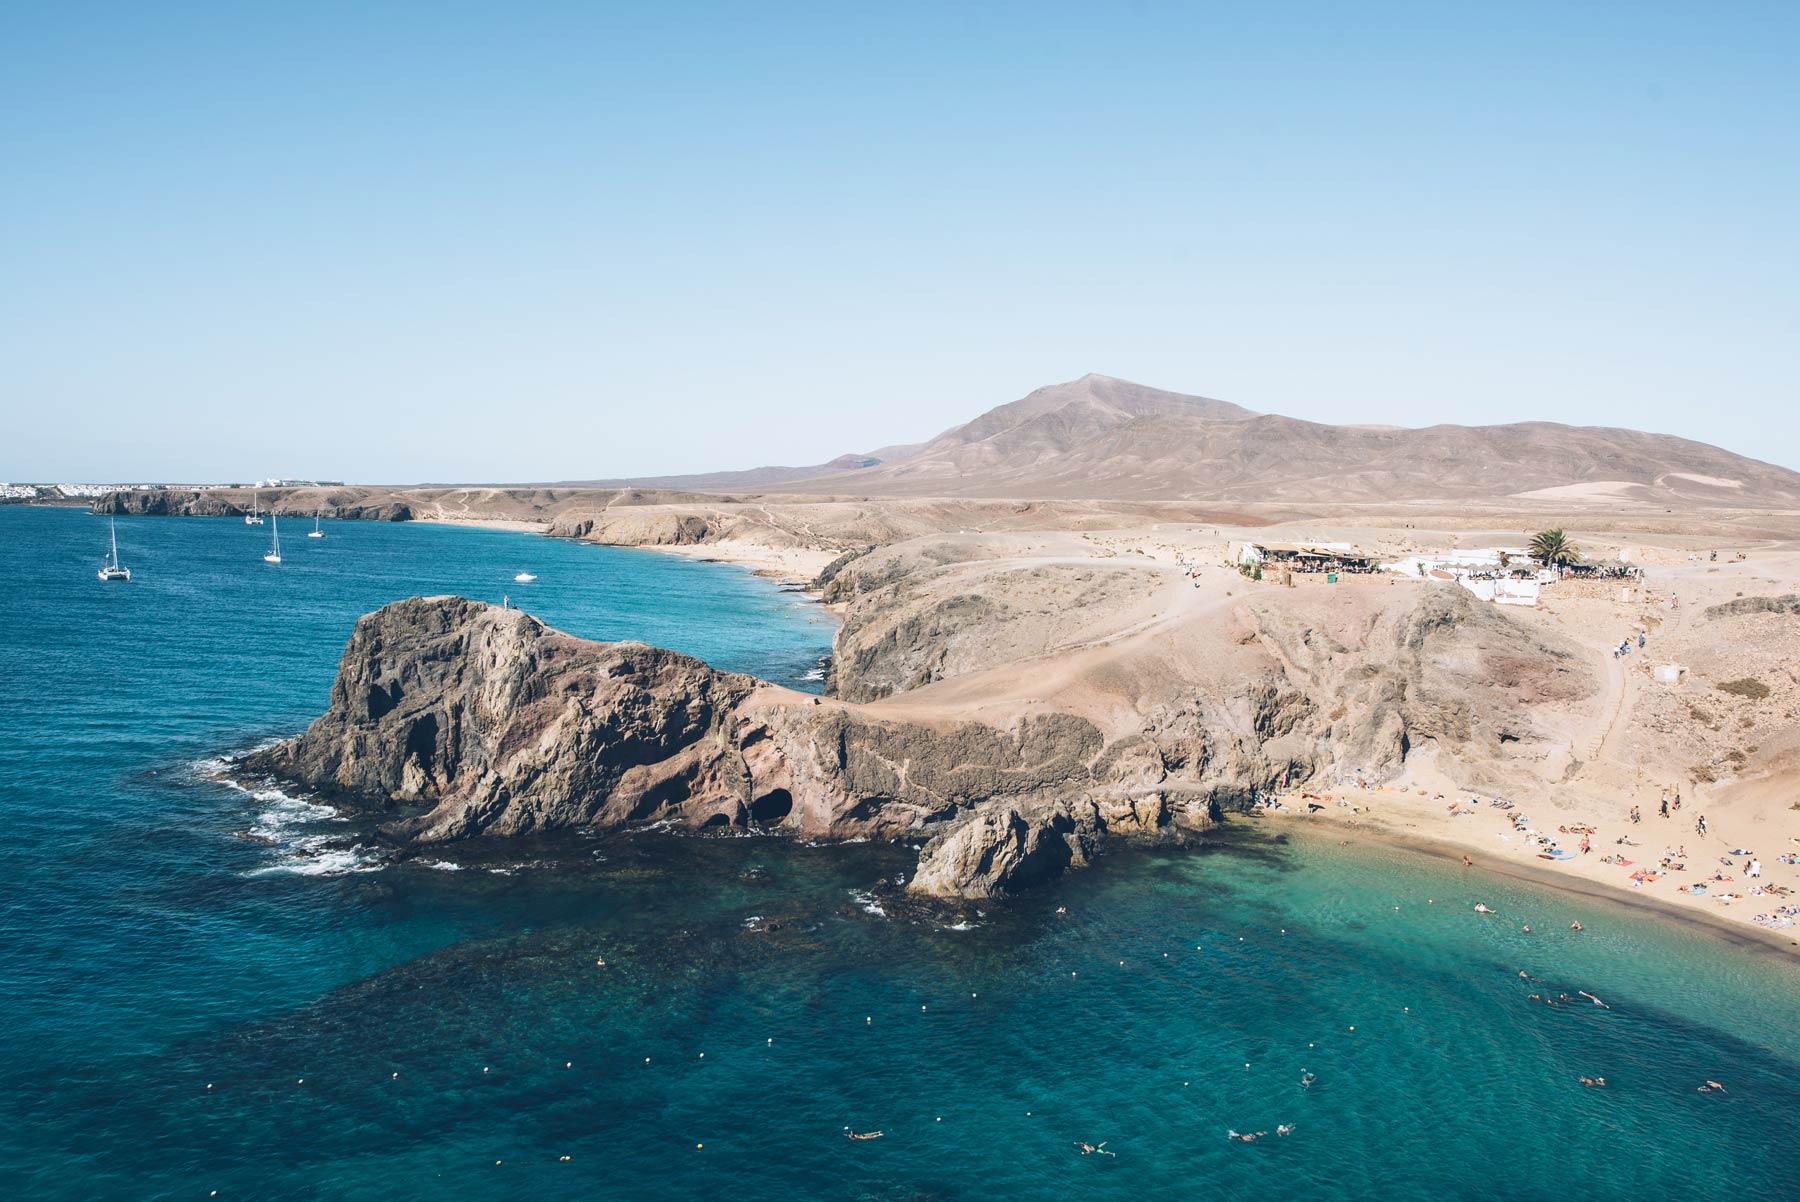 01-Playa-Papagayo-Lanzarote-3.jpg